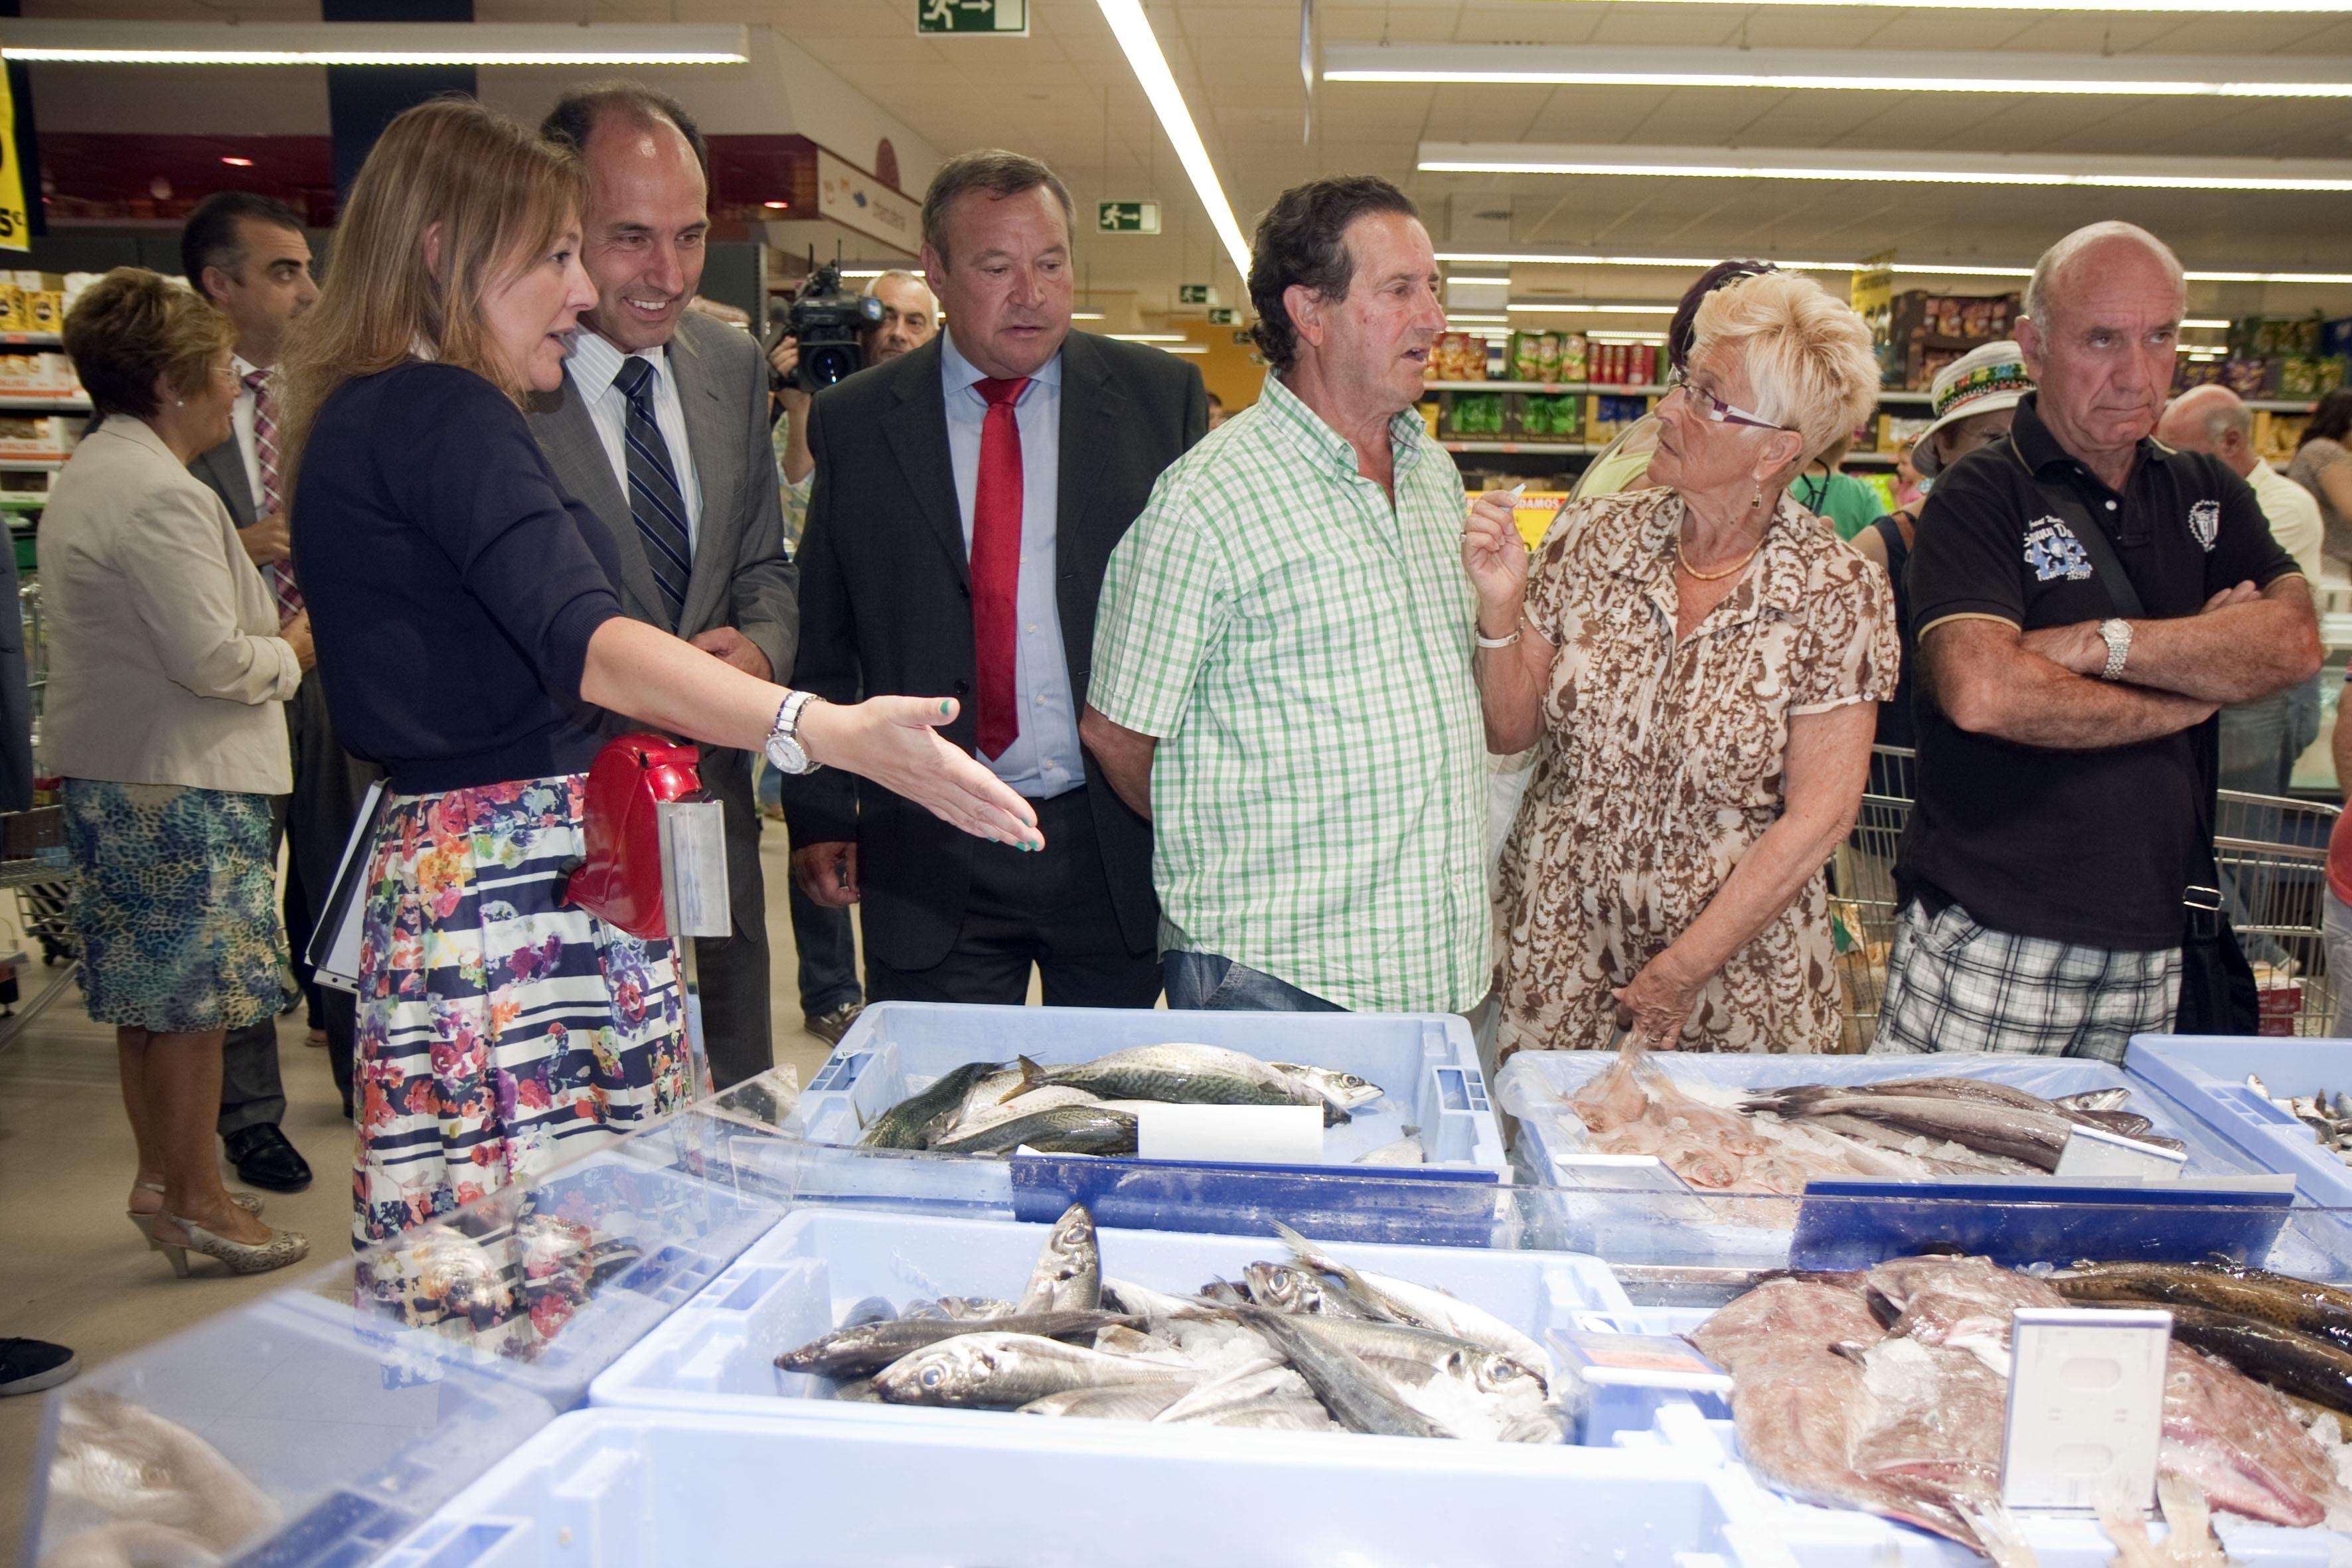 Mercadona inaugura su primer supermercado en Laredo, que contará con 43 empleados